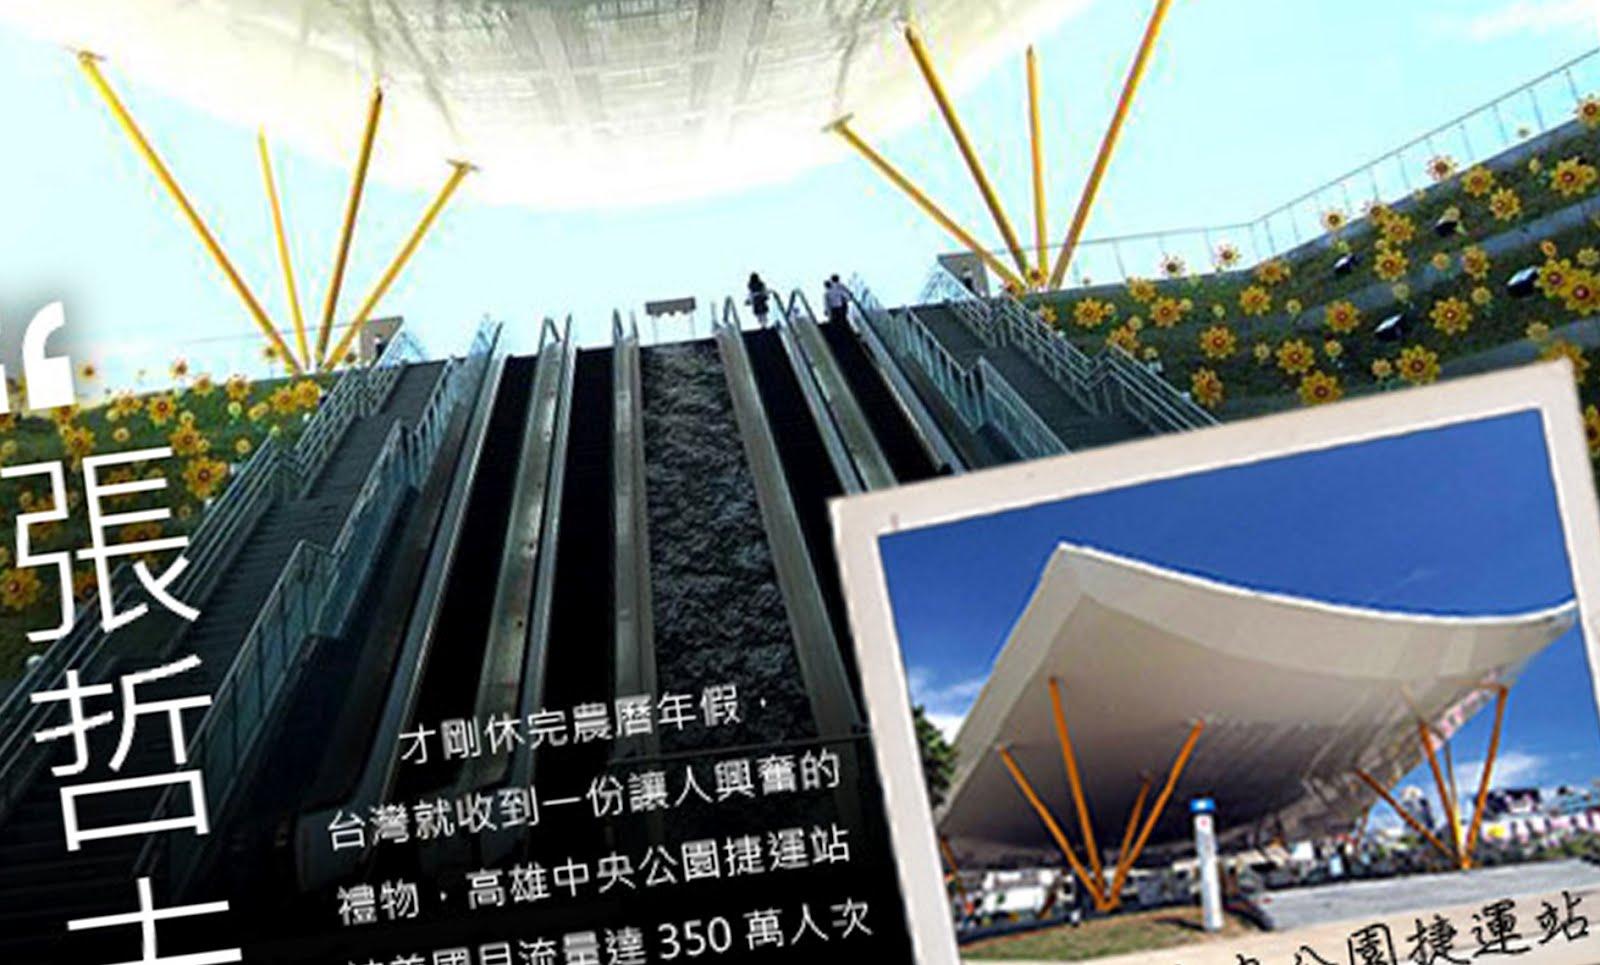 雍和建設 - TAIPEI PARK EDM設計 by MUMULab.com